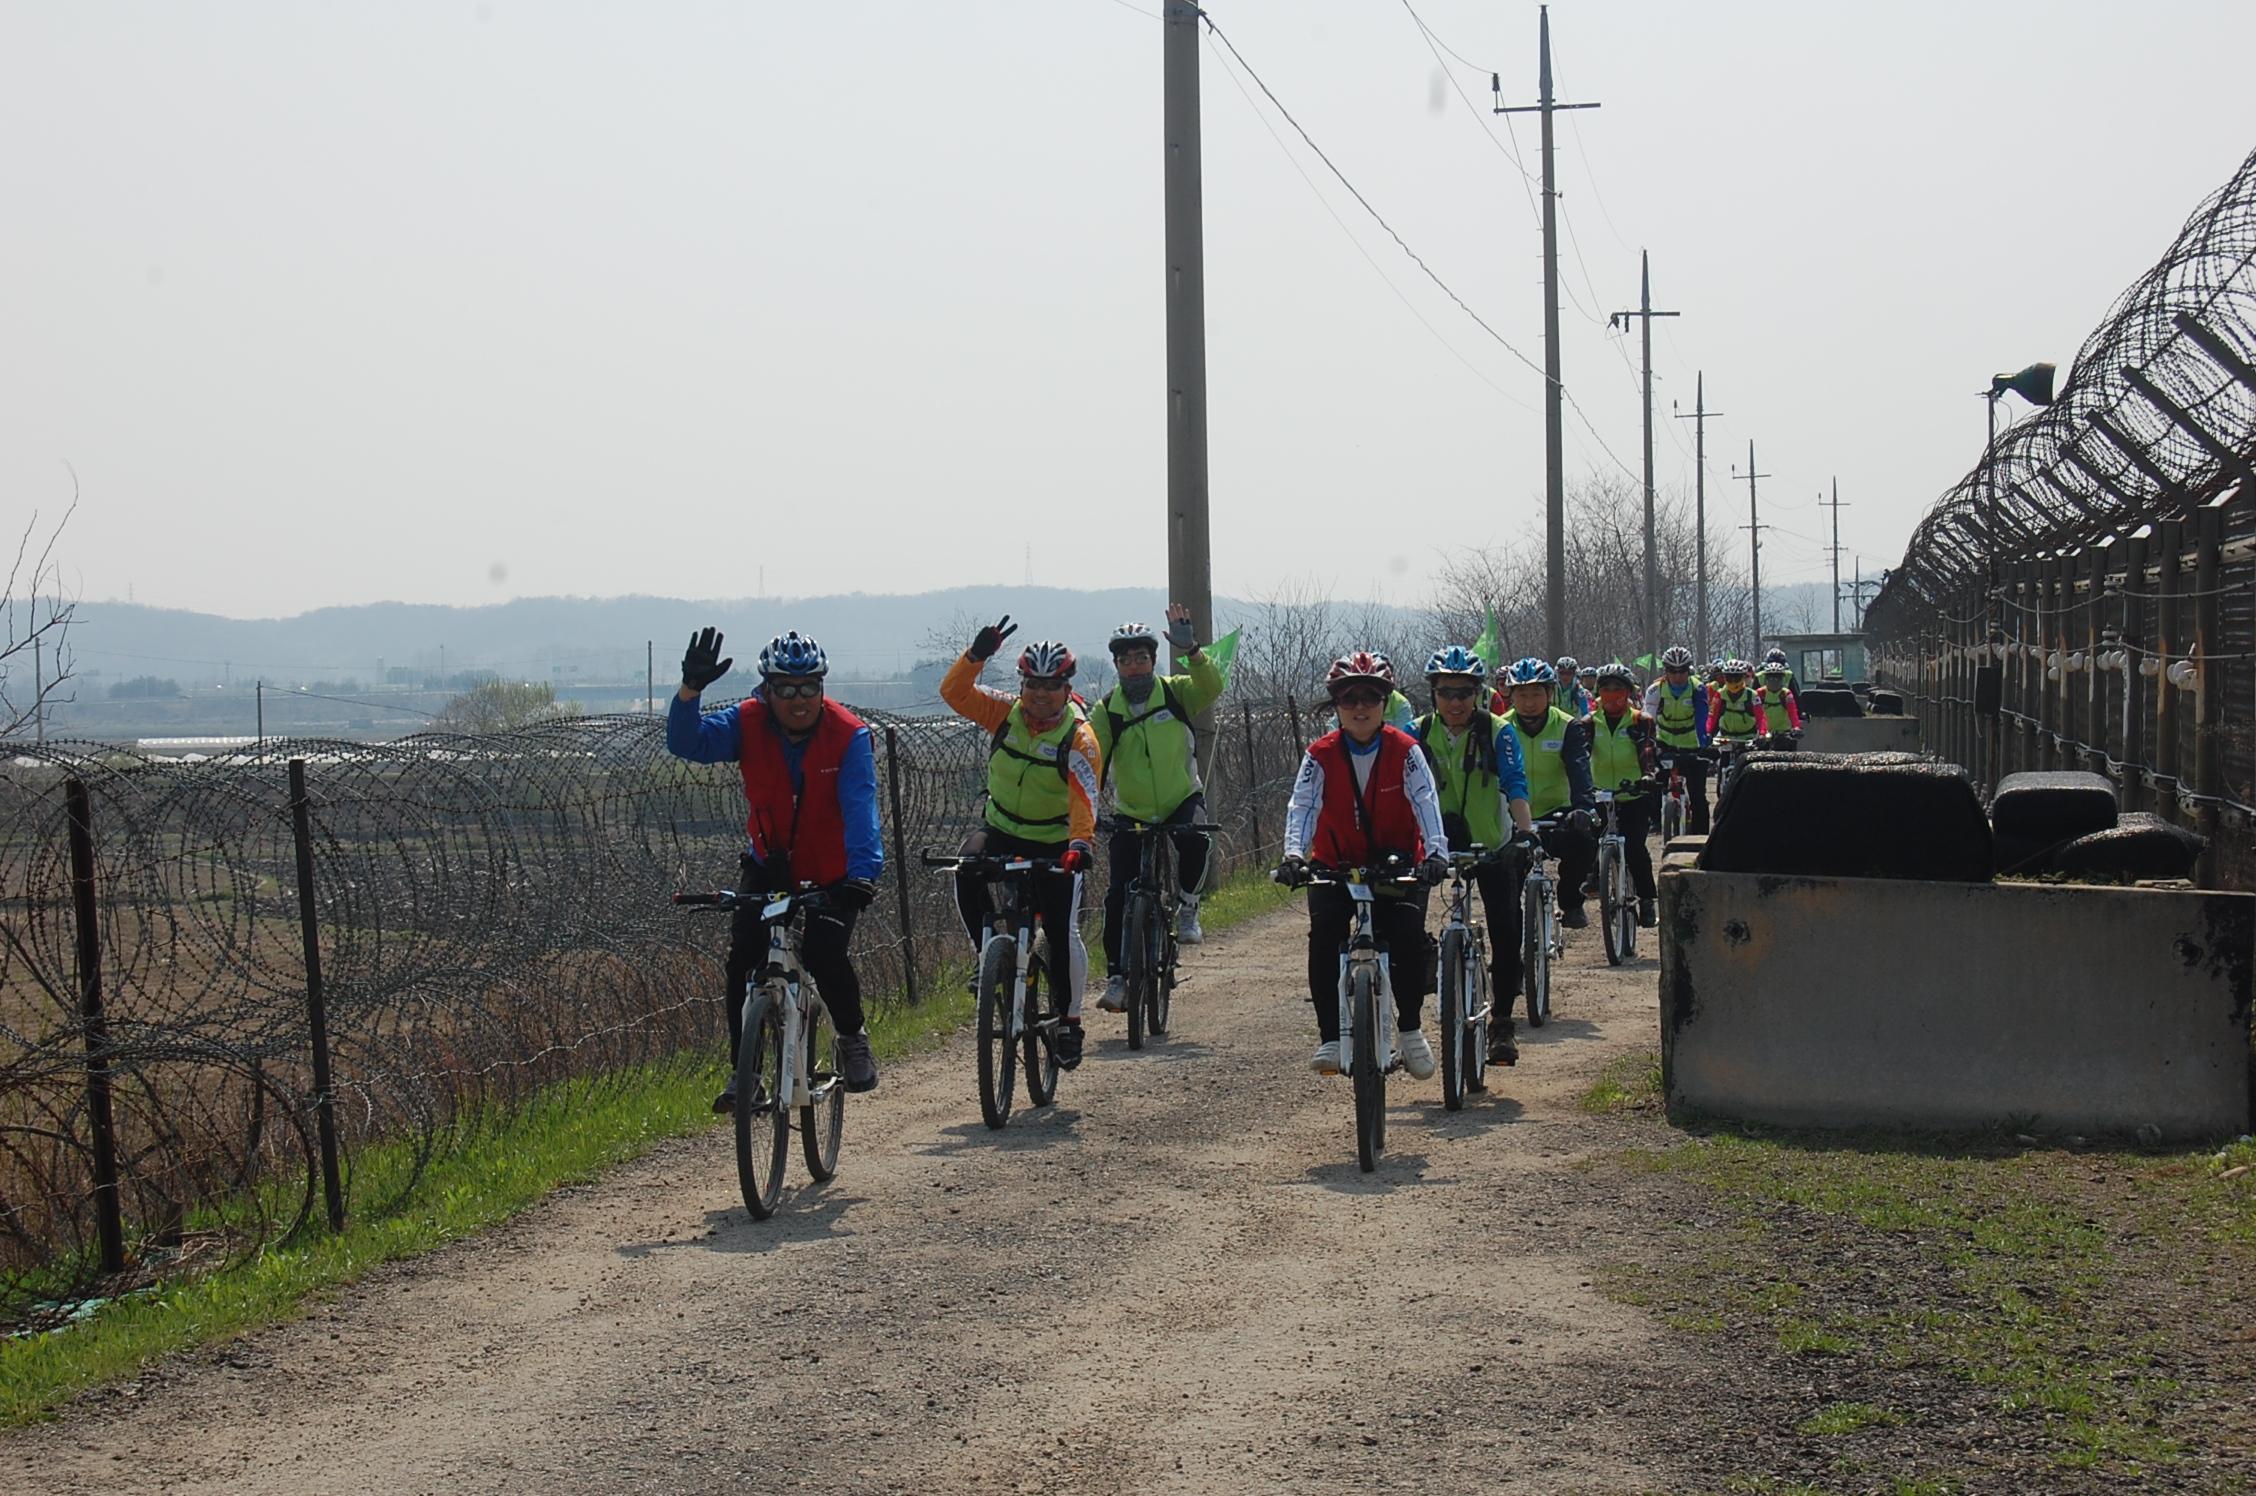 DMZ 자전거투어